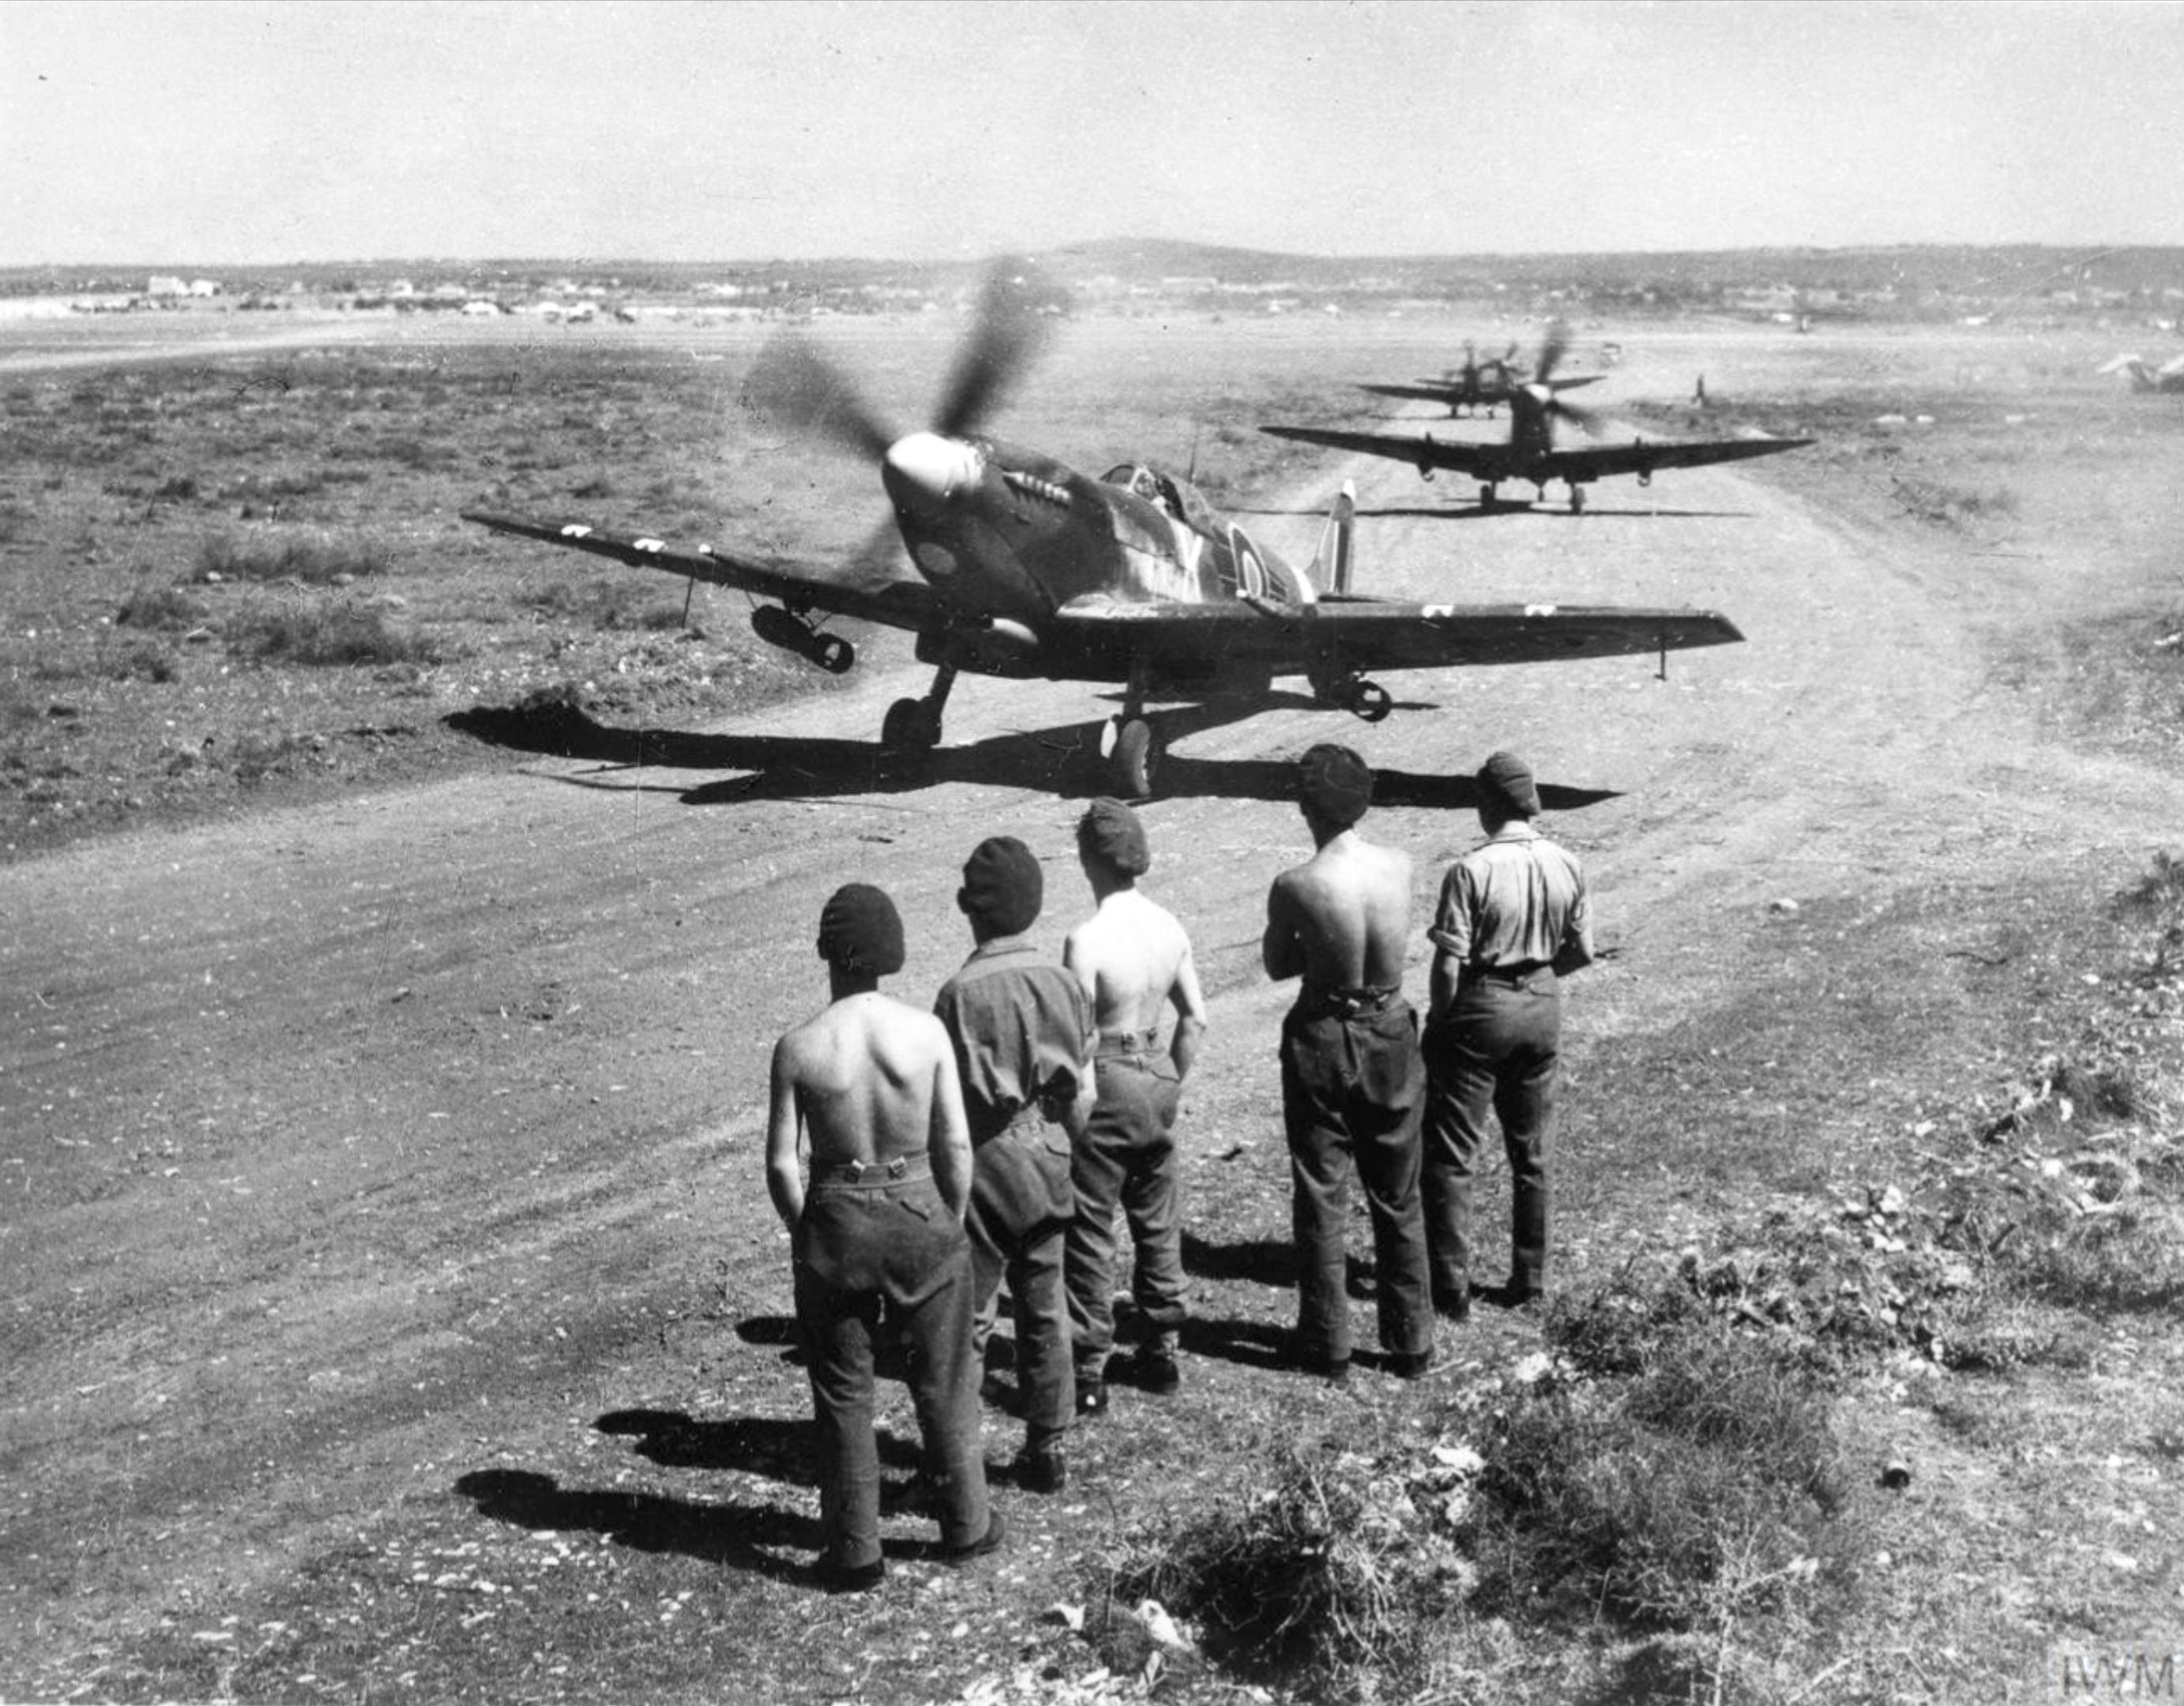 Spitfire MkIXs RAF 73Sqn taxing at Prkos near Zadar Yugoslavia 22nd April 1945 IWM CNA3525